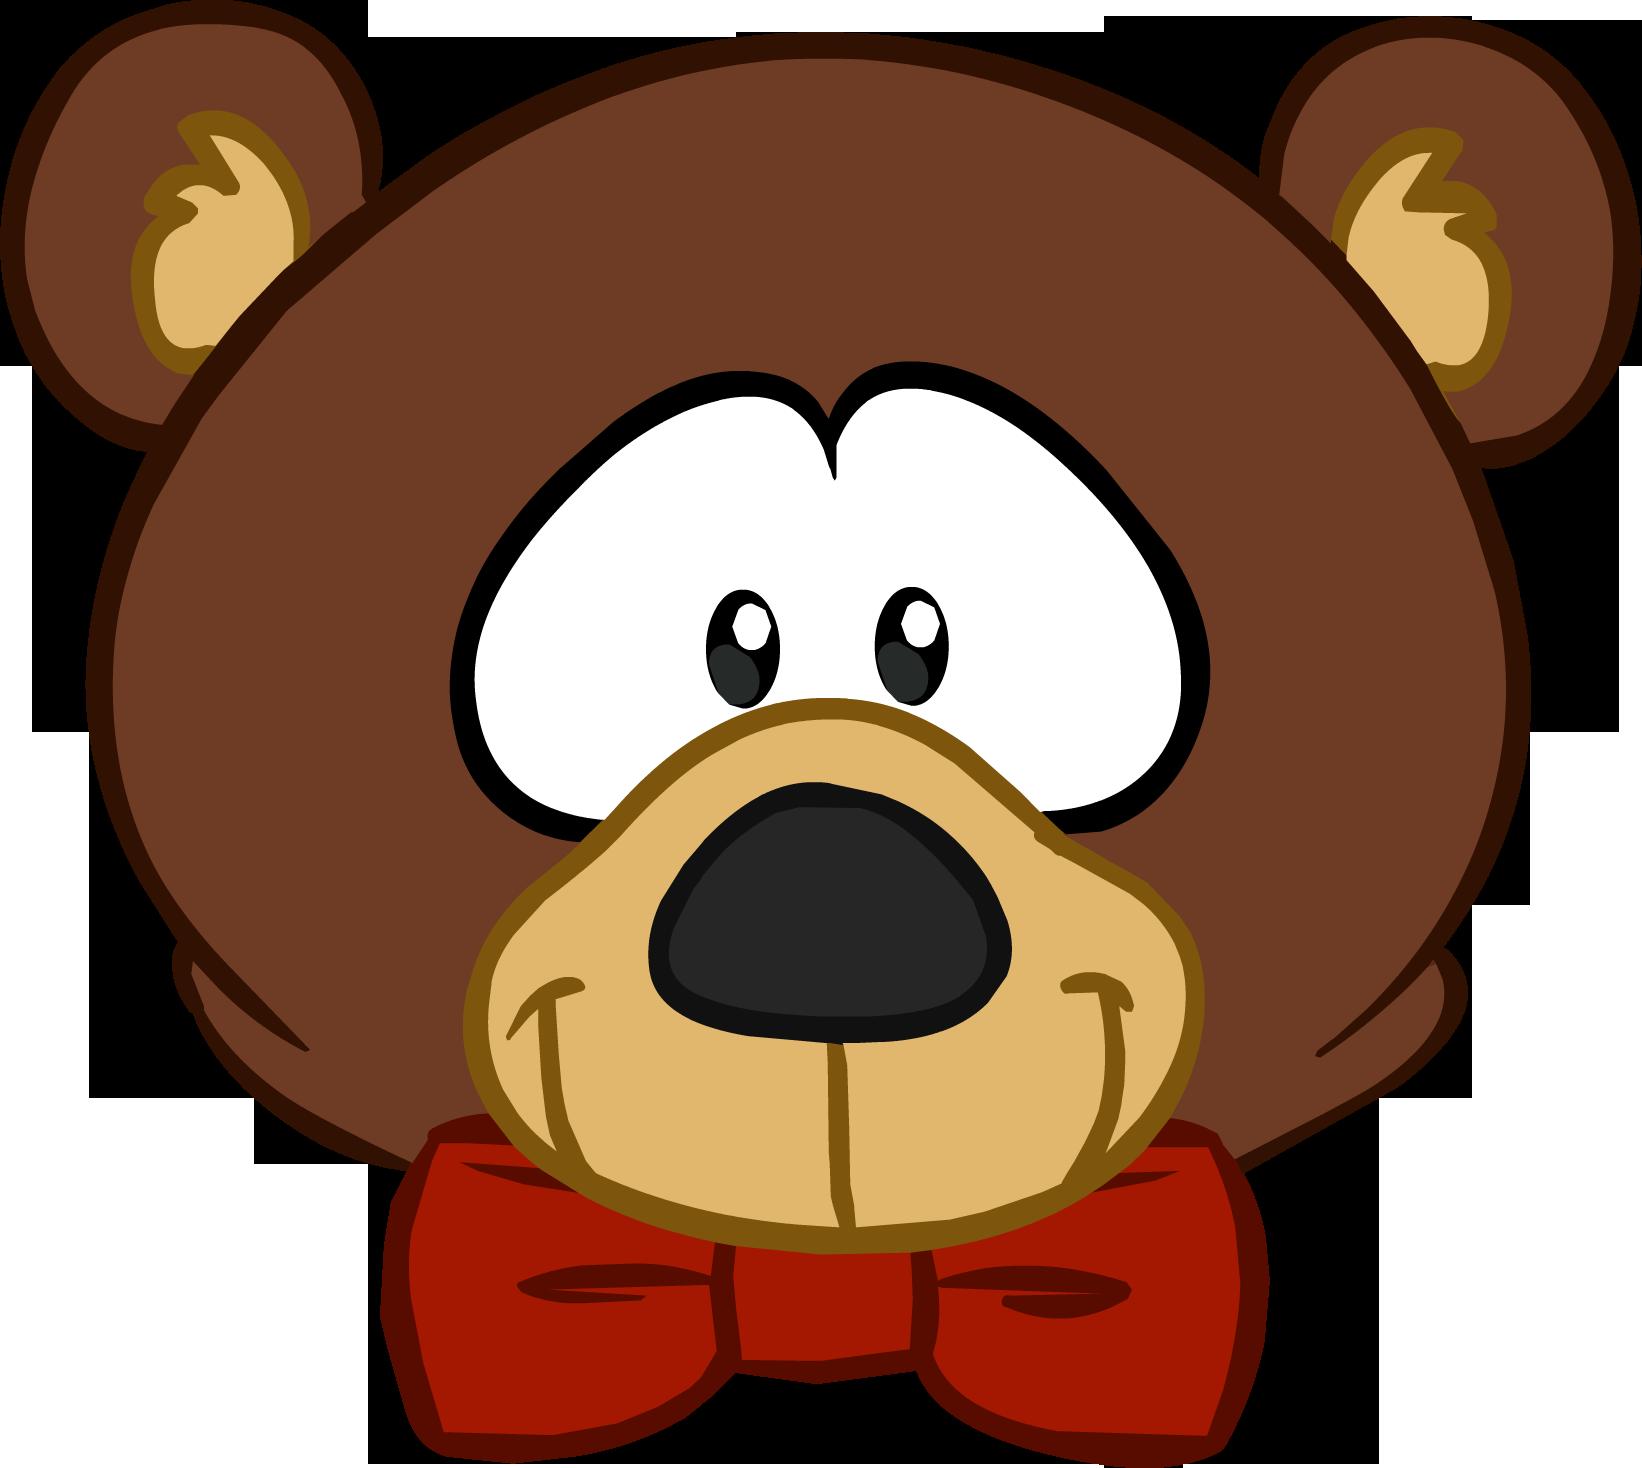 Clipart bear penguin. Teddy head club wiki